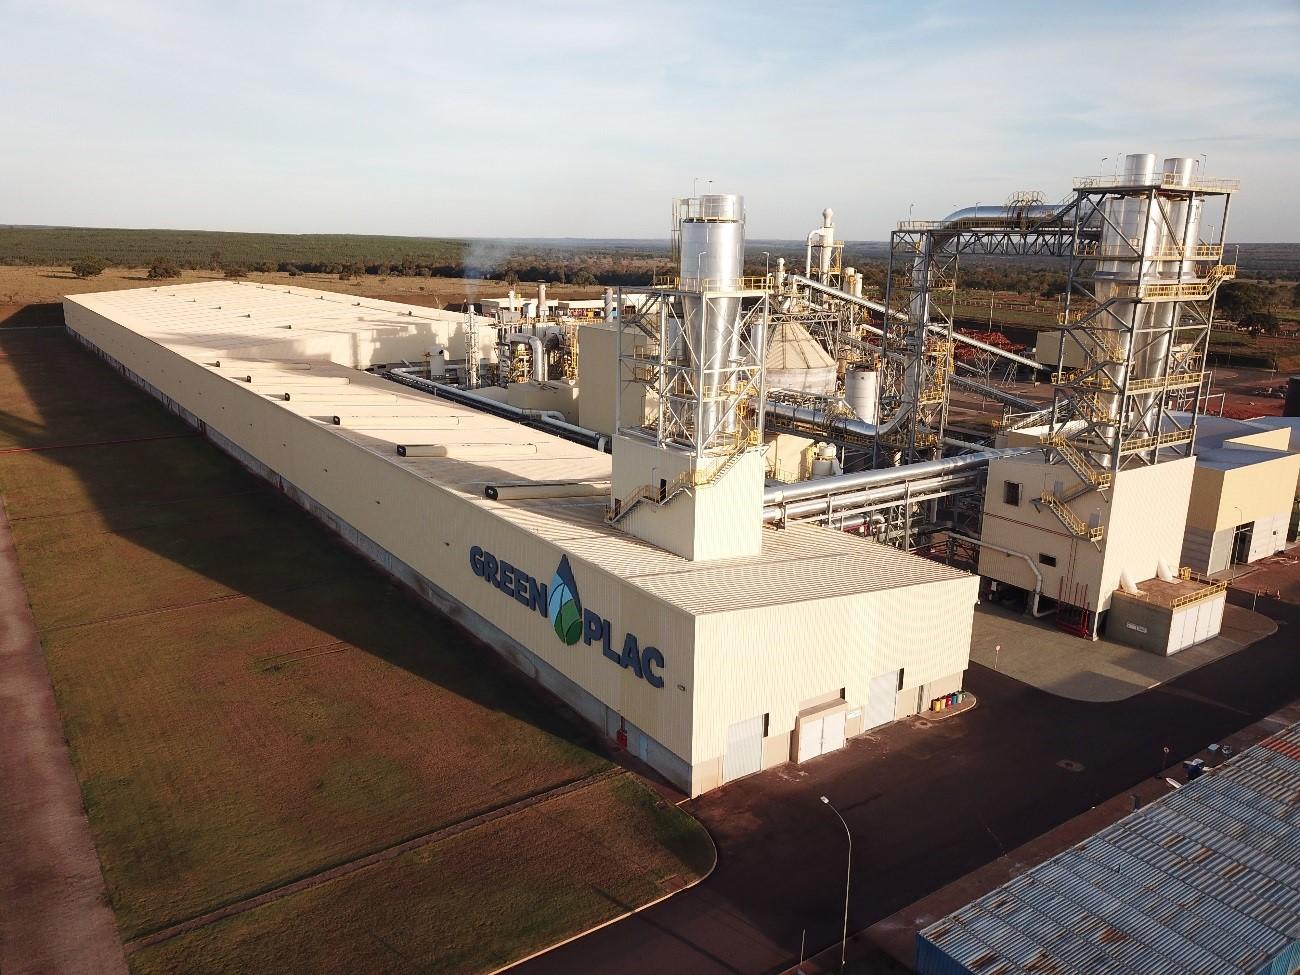 Complexo industrial Greenplac em Água Clara, Mato Grosso do Sul.